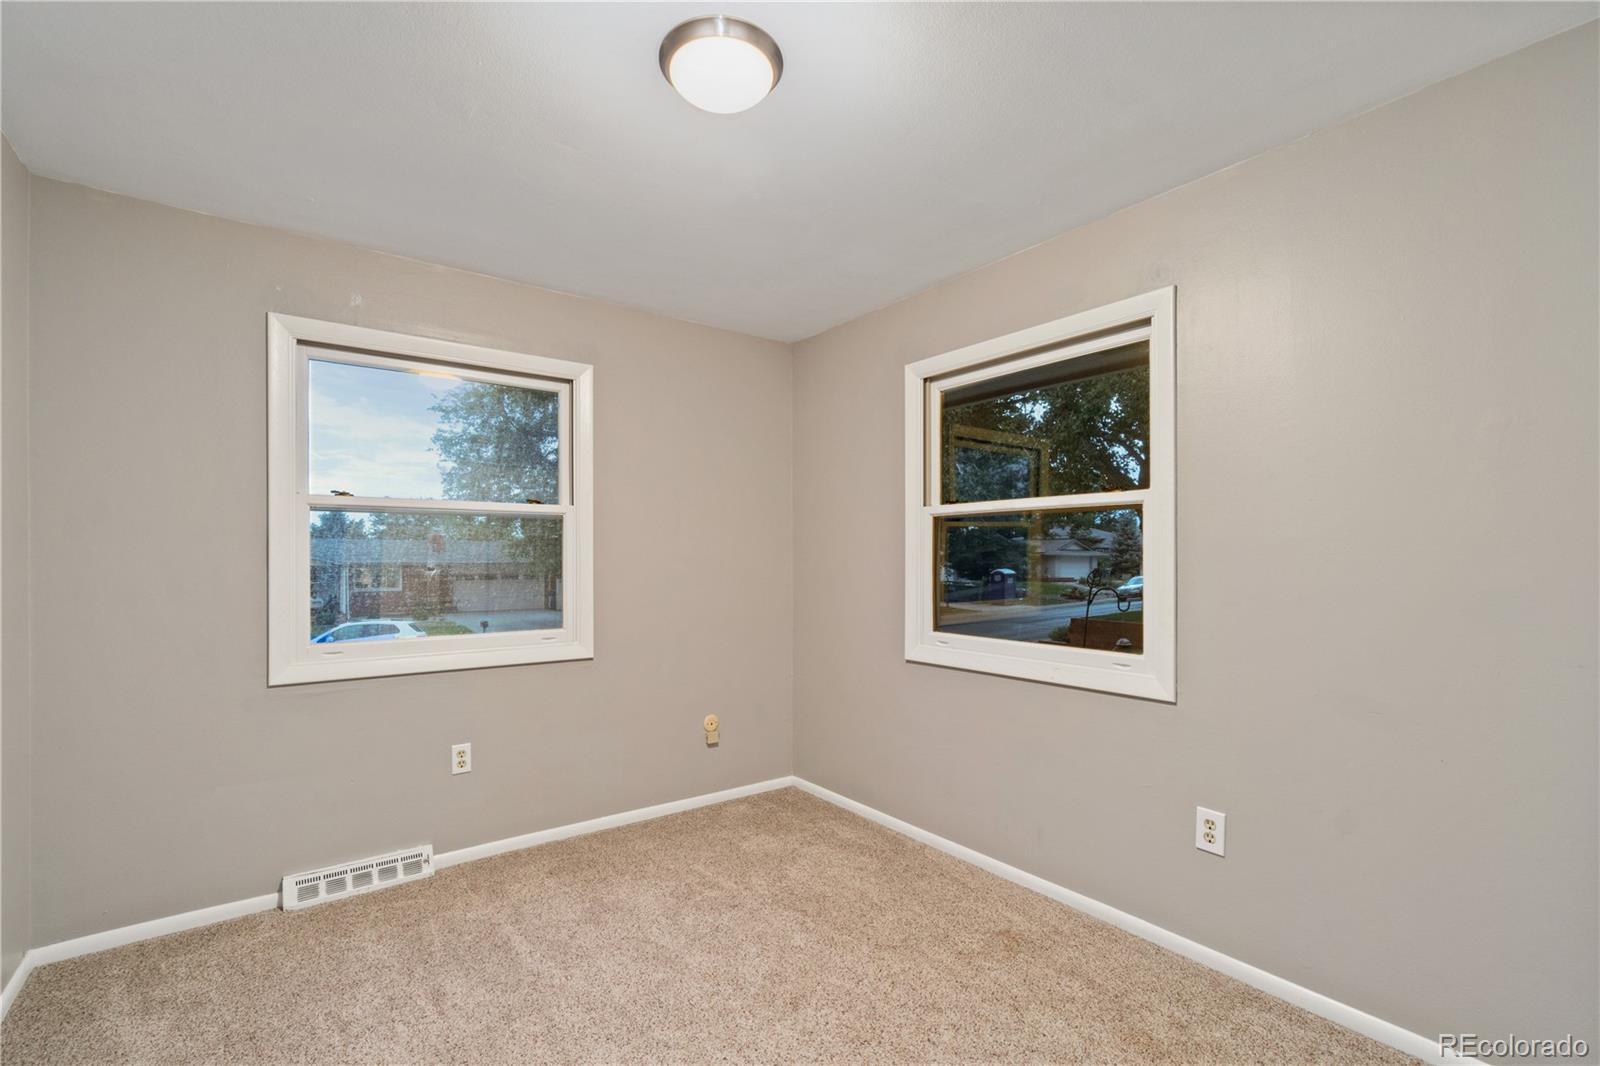 MLS# 8982790 - 7 - 735 S Braun Street, Lakewood, CO 80228